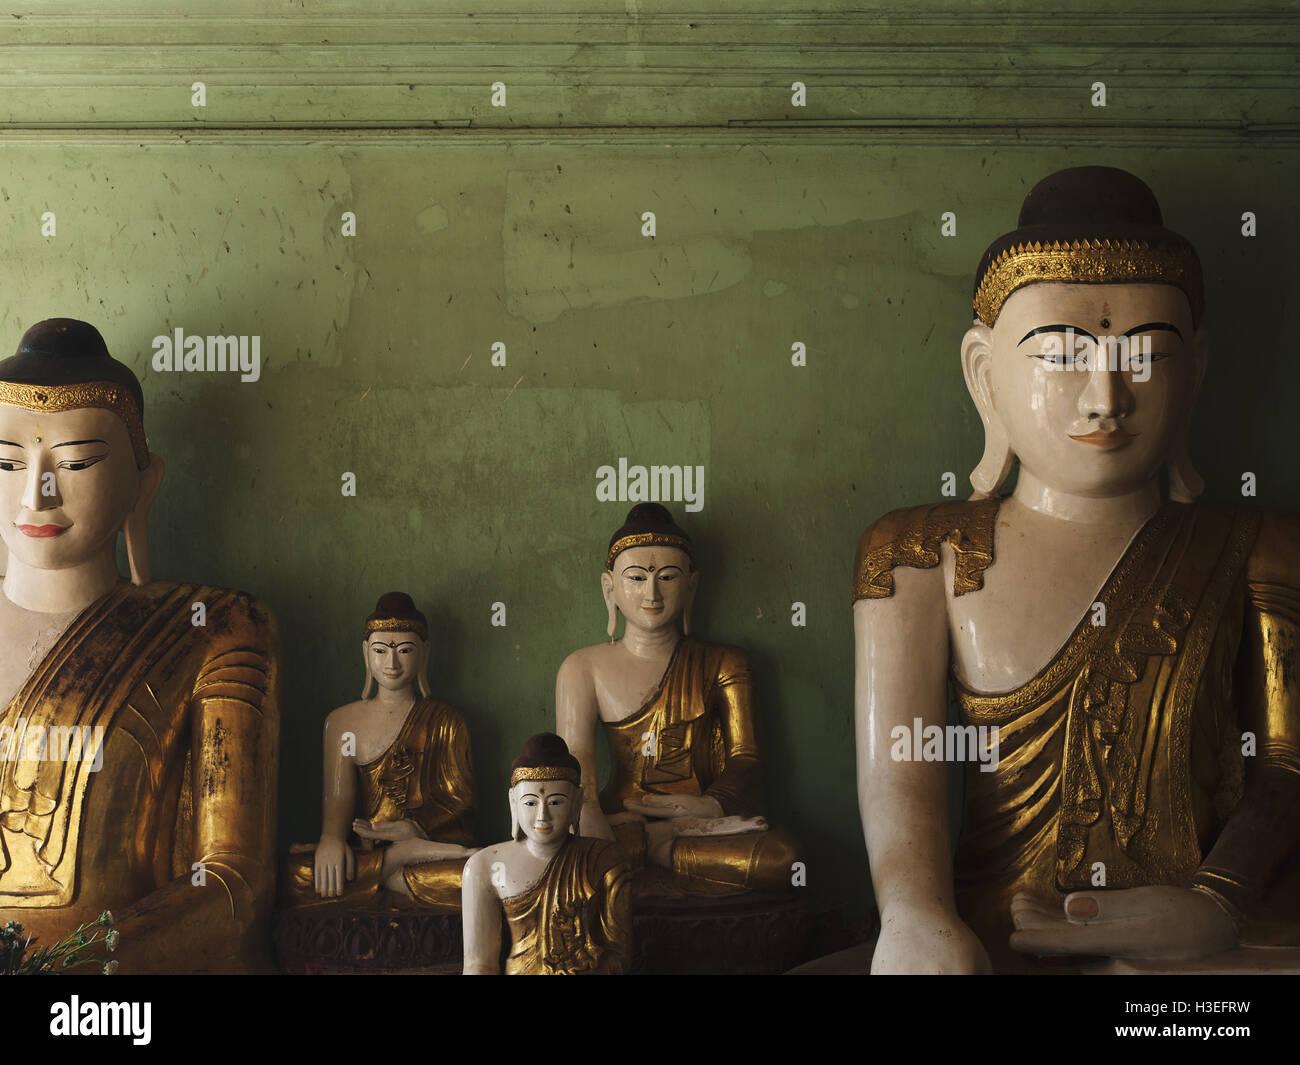 Buddhistische Statuen in Bagan Dörfer, Myanmar (Burma) Stockbild